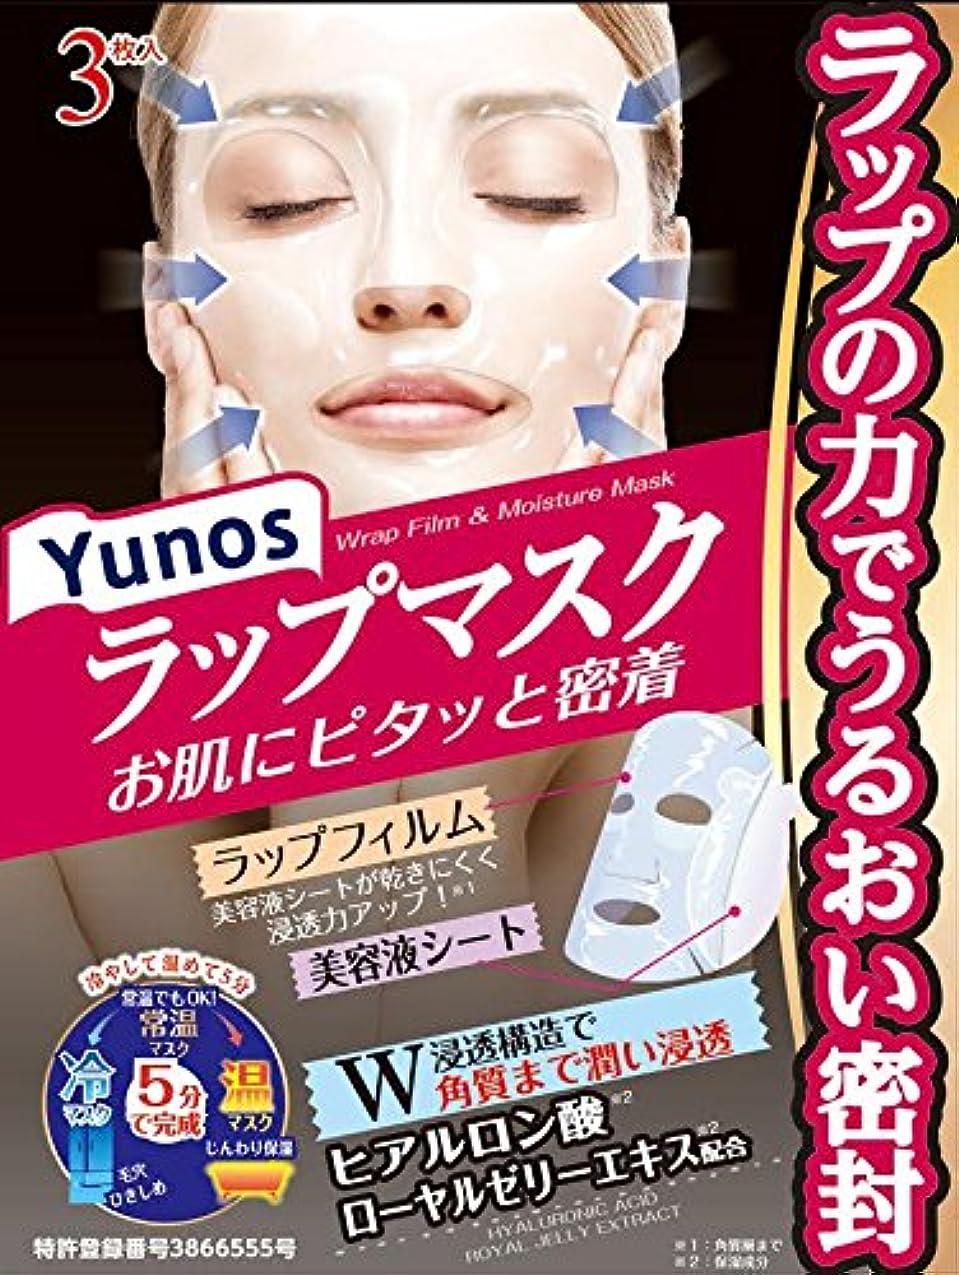 イタリアの五マーカーユノス ラップマスク 3枚入り